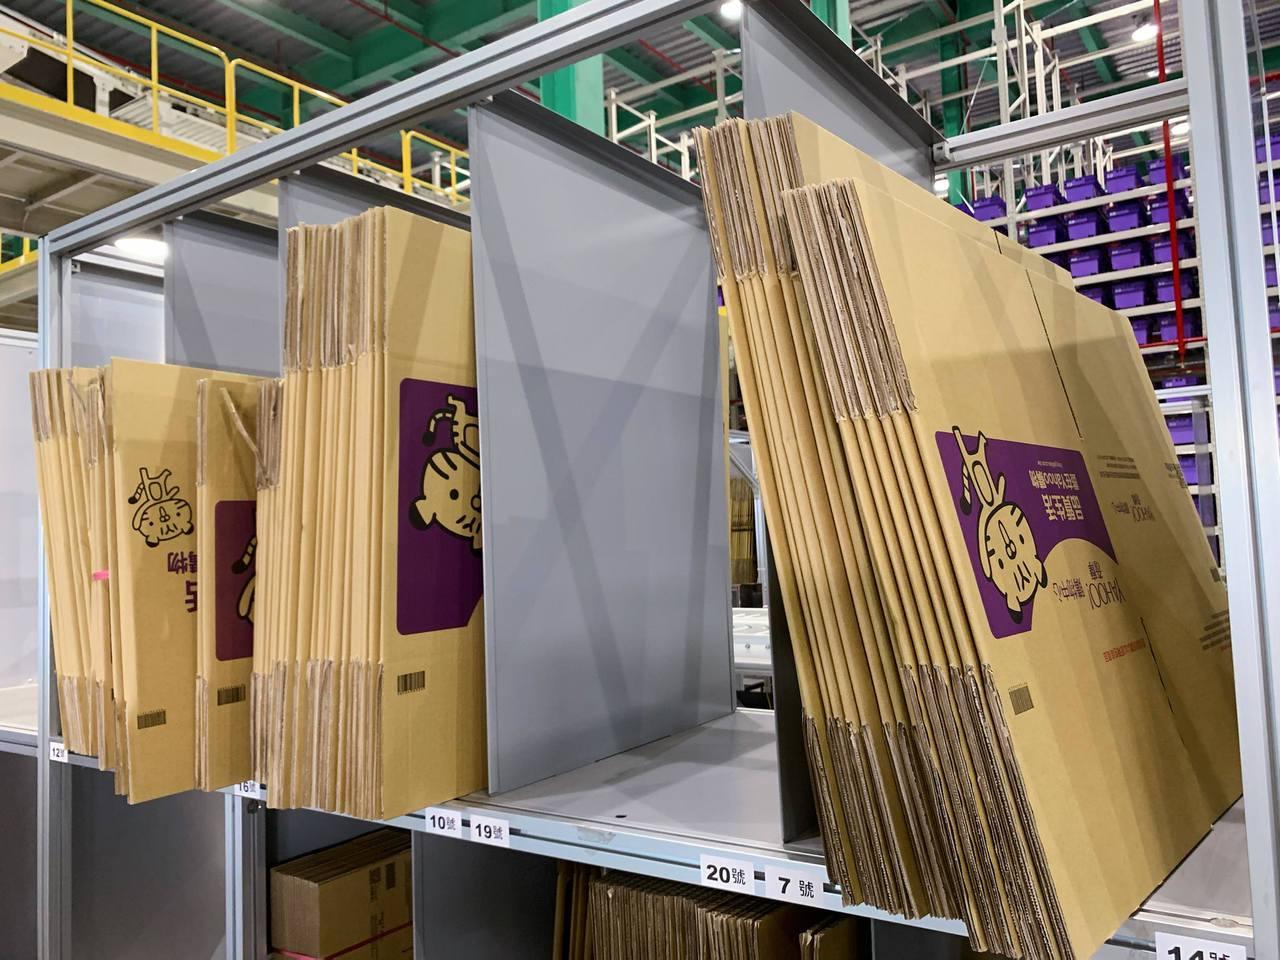 訴求環保議題,Yahoo奇摩引進新型態紙箱減量油墨30%。記者徐力剛/攝影